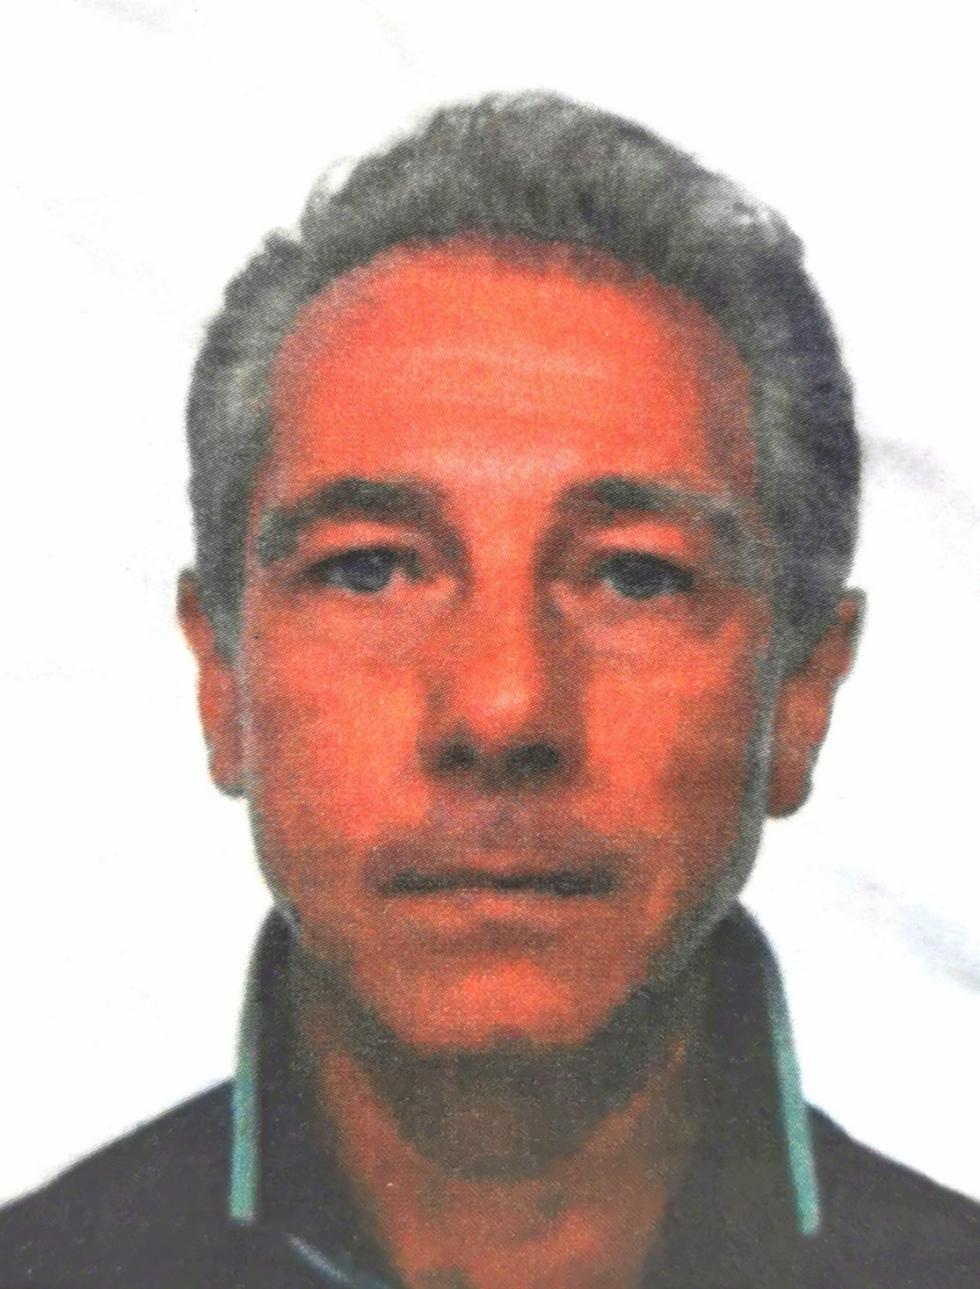 FIANO-VENARIA - Domani l'ultimo saluto a Pier Paolo Celli, stroncato da un malore a 54 anni